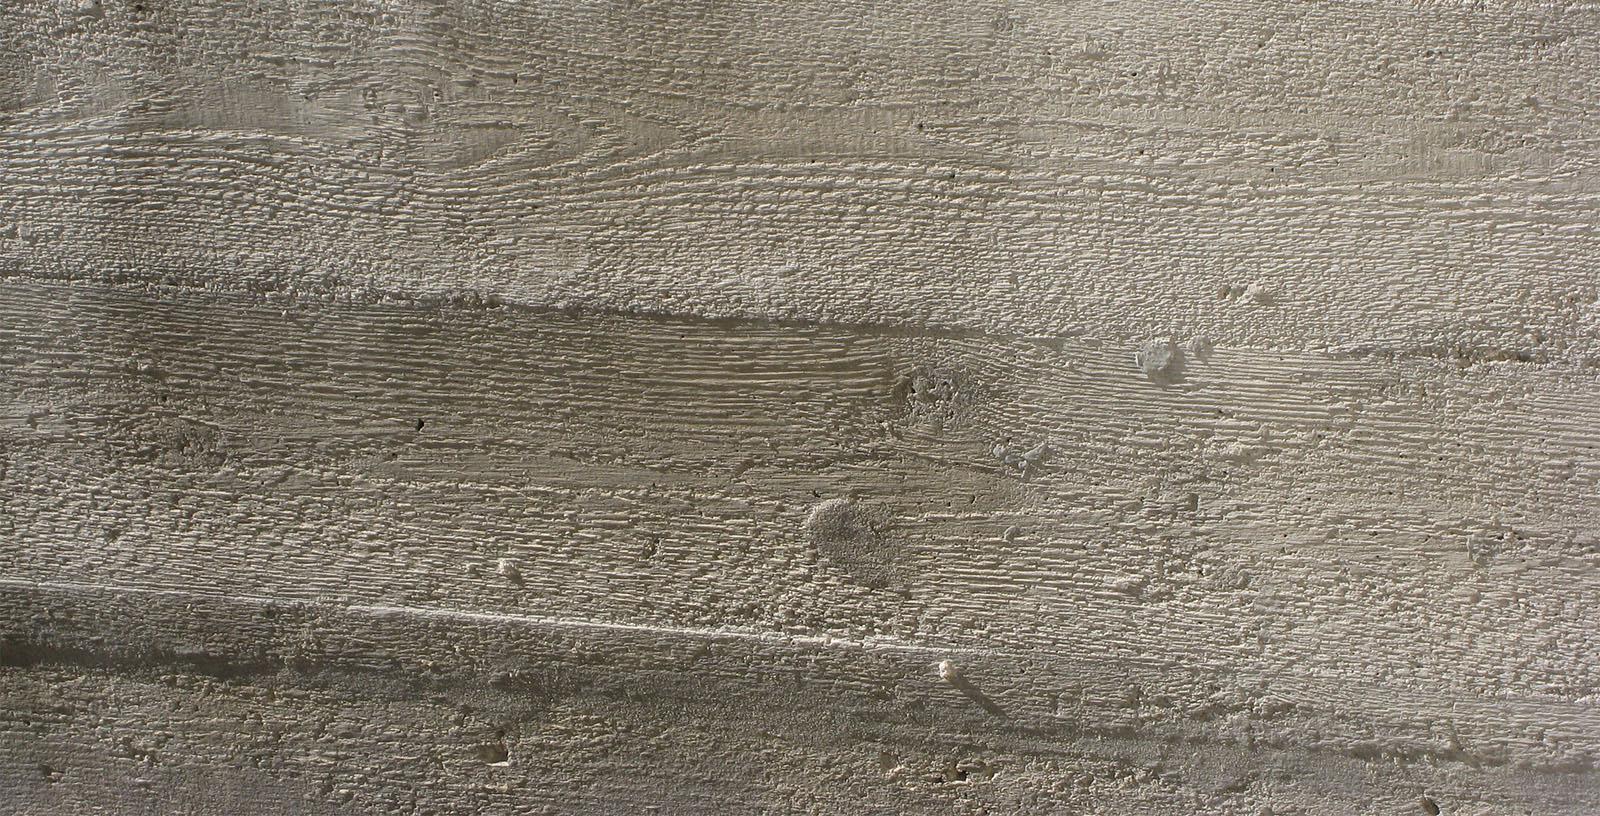 Calcestruzzi faccia a vista guida materiali edili for Parete effetto cemento